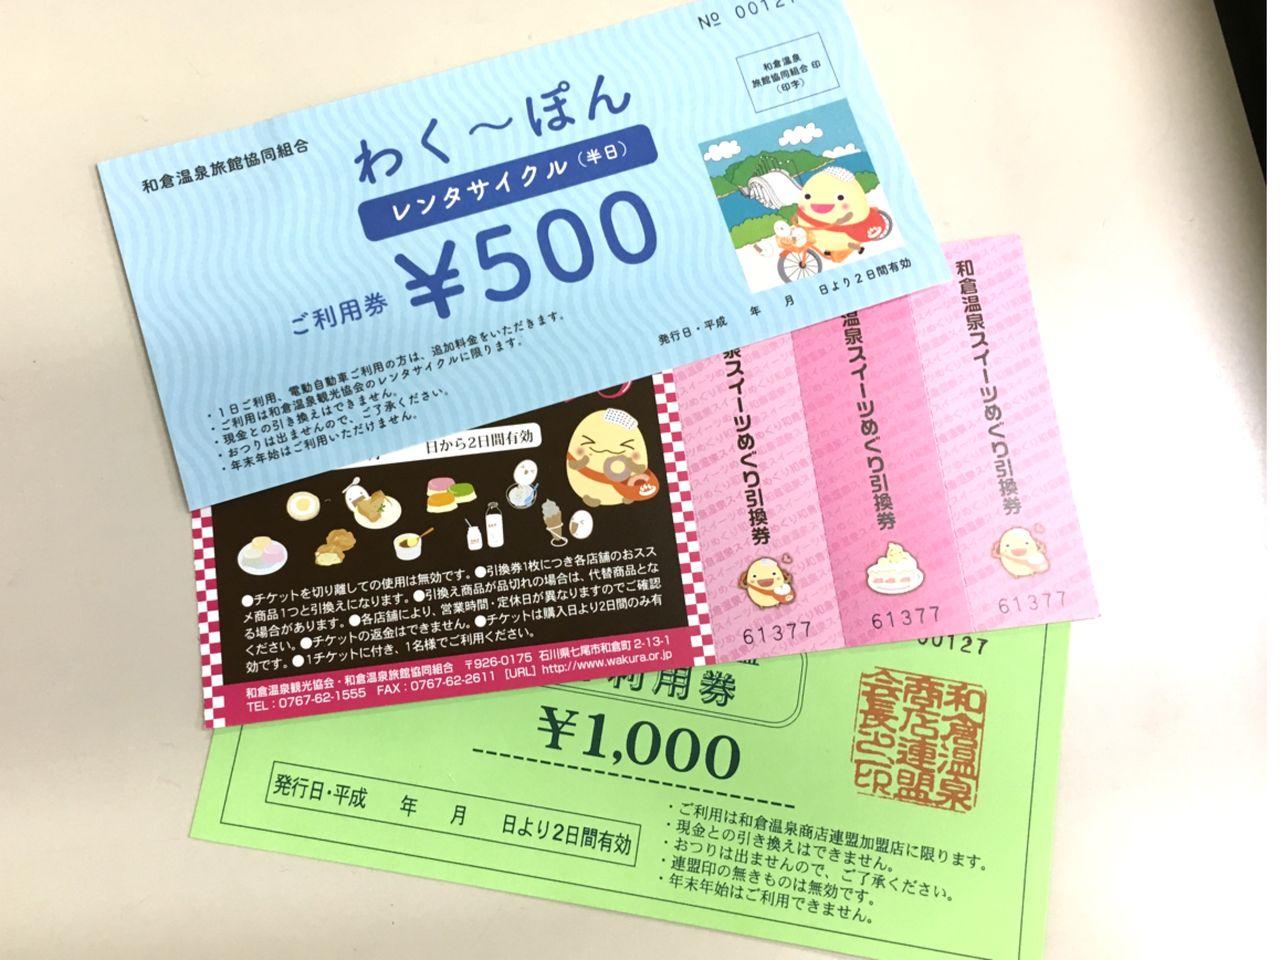 わくたまくん~お得なクーポン券「わく~ぽん」tags[石川県]